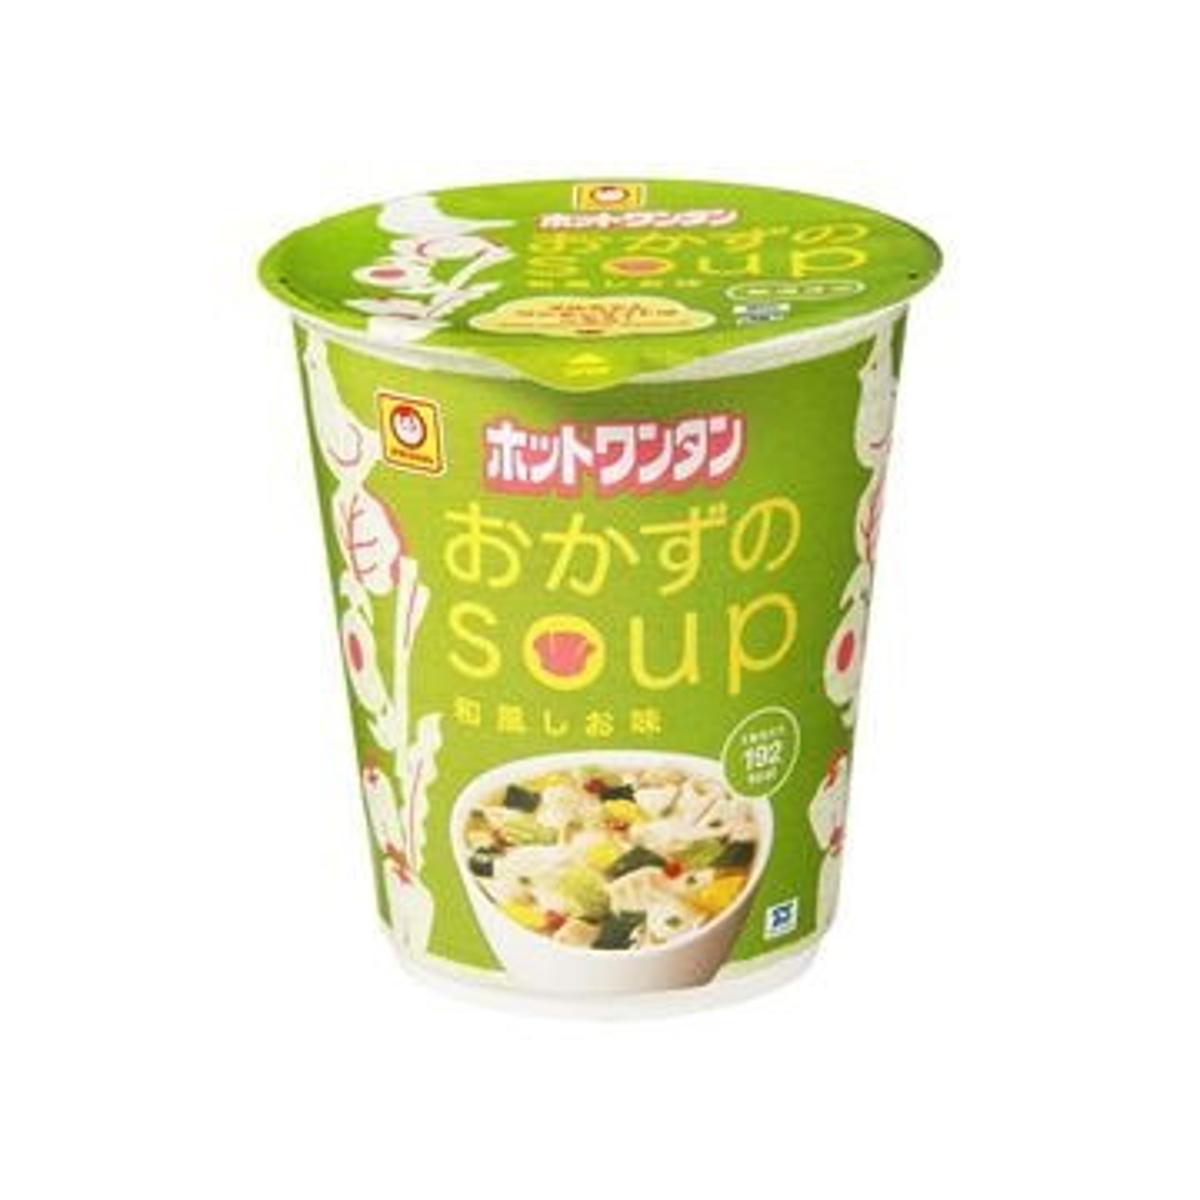 マルちゃん ホットワンタン おかずのスープ 40g x 12個